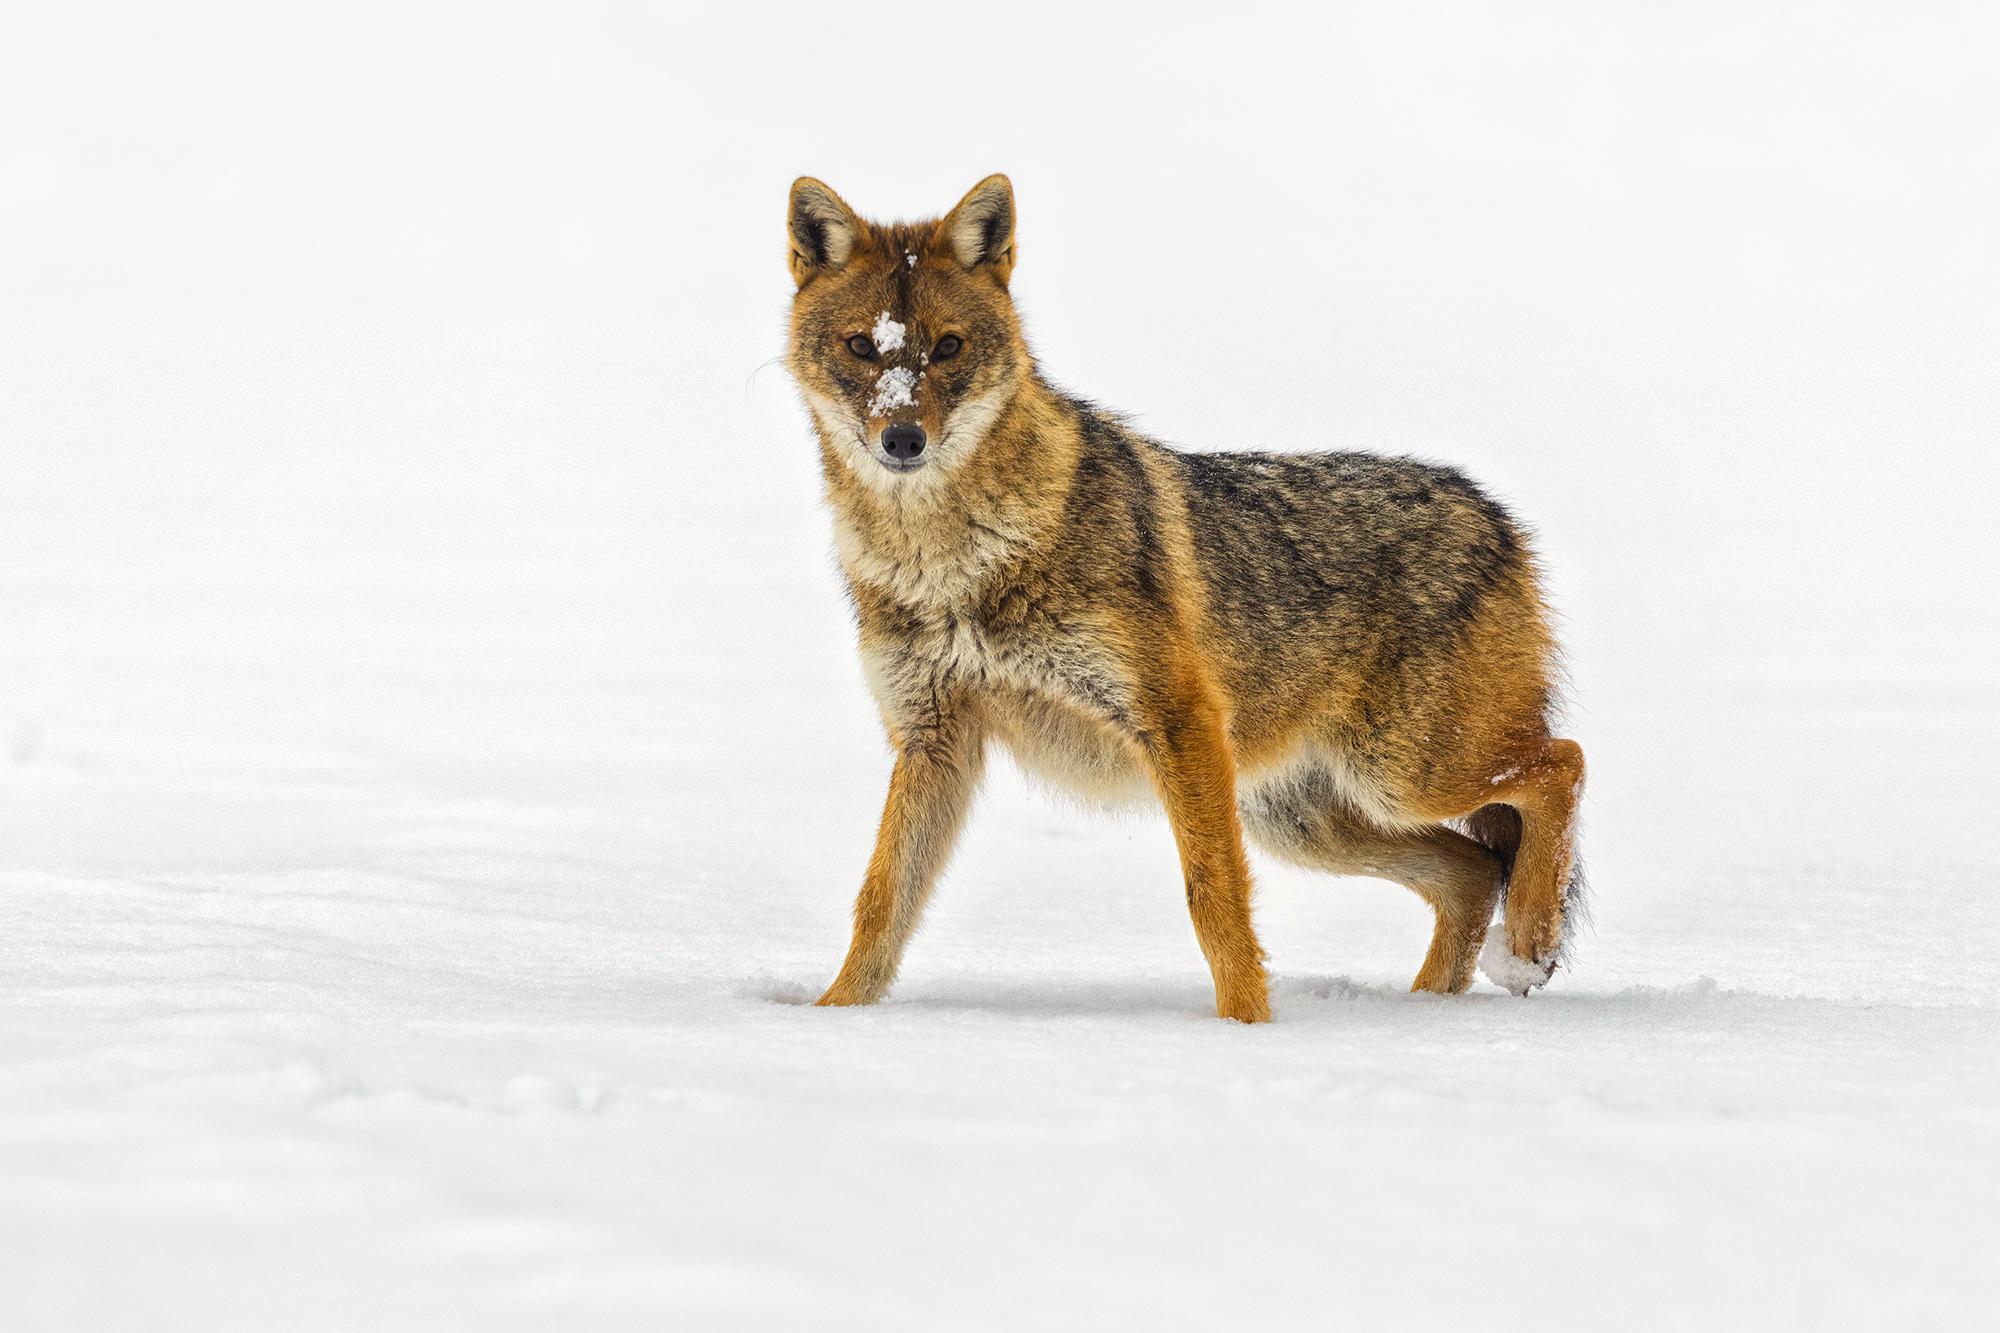 Aranysakál, Golden jackal, Goldschakal, Canis aureus